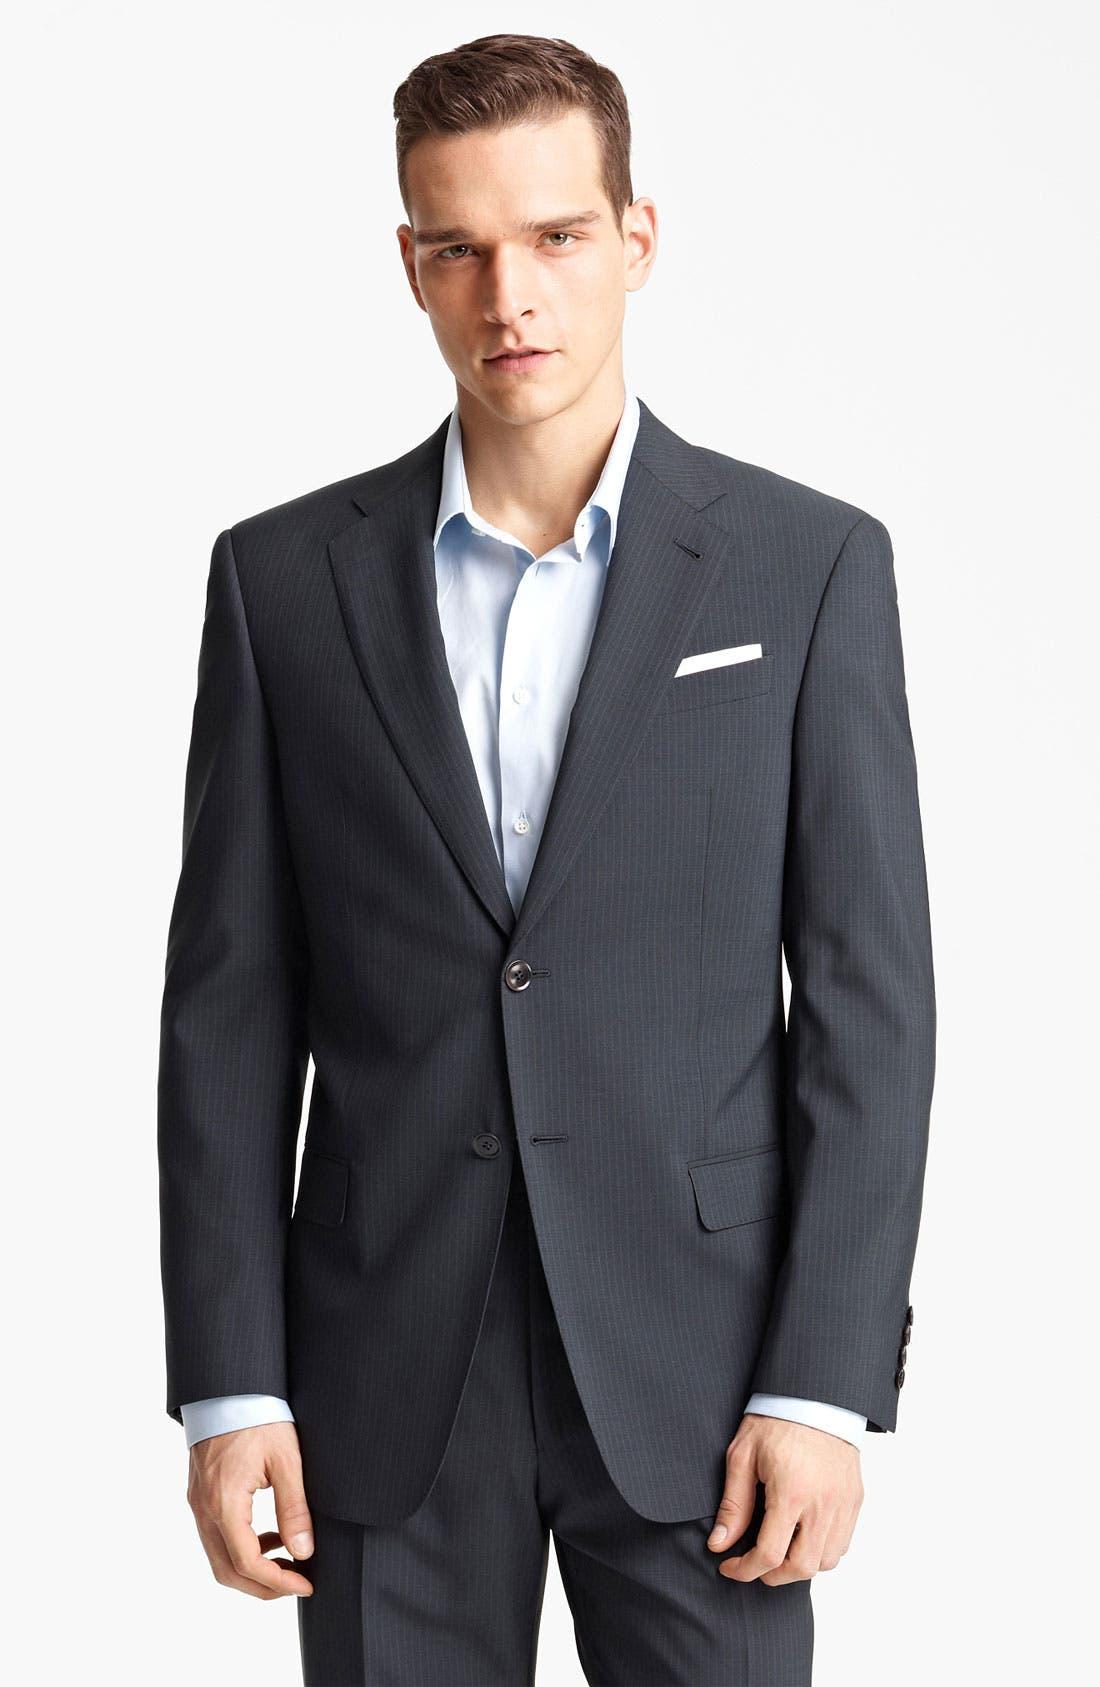 Alternate Image 1 Selected - Armani Collezioni 'Giorgio' Pinstripe Suit